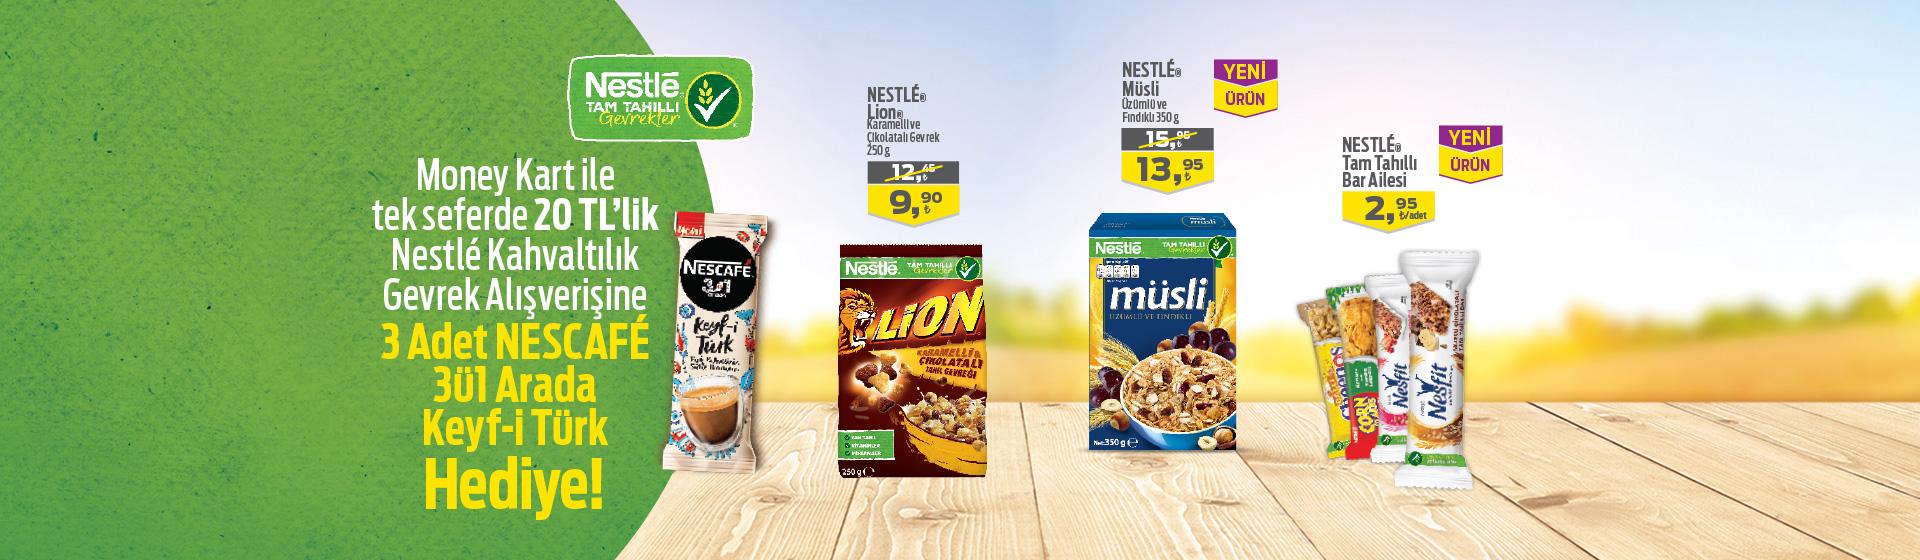 Nestle Kahvaltılık Kampanyası